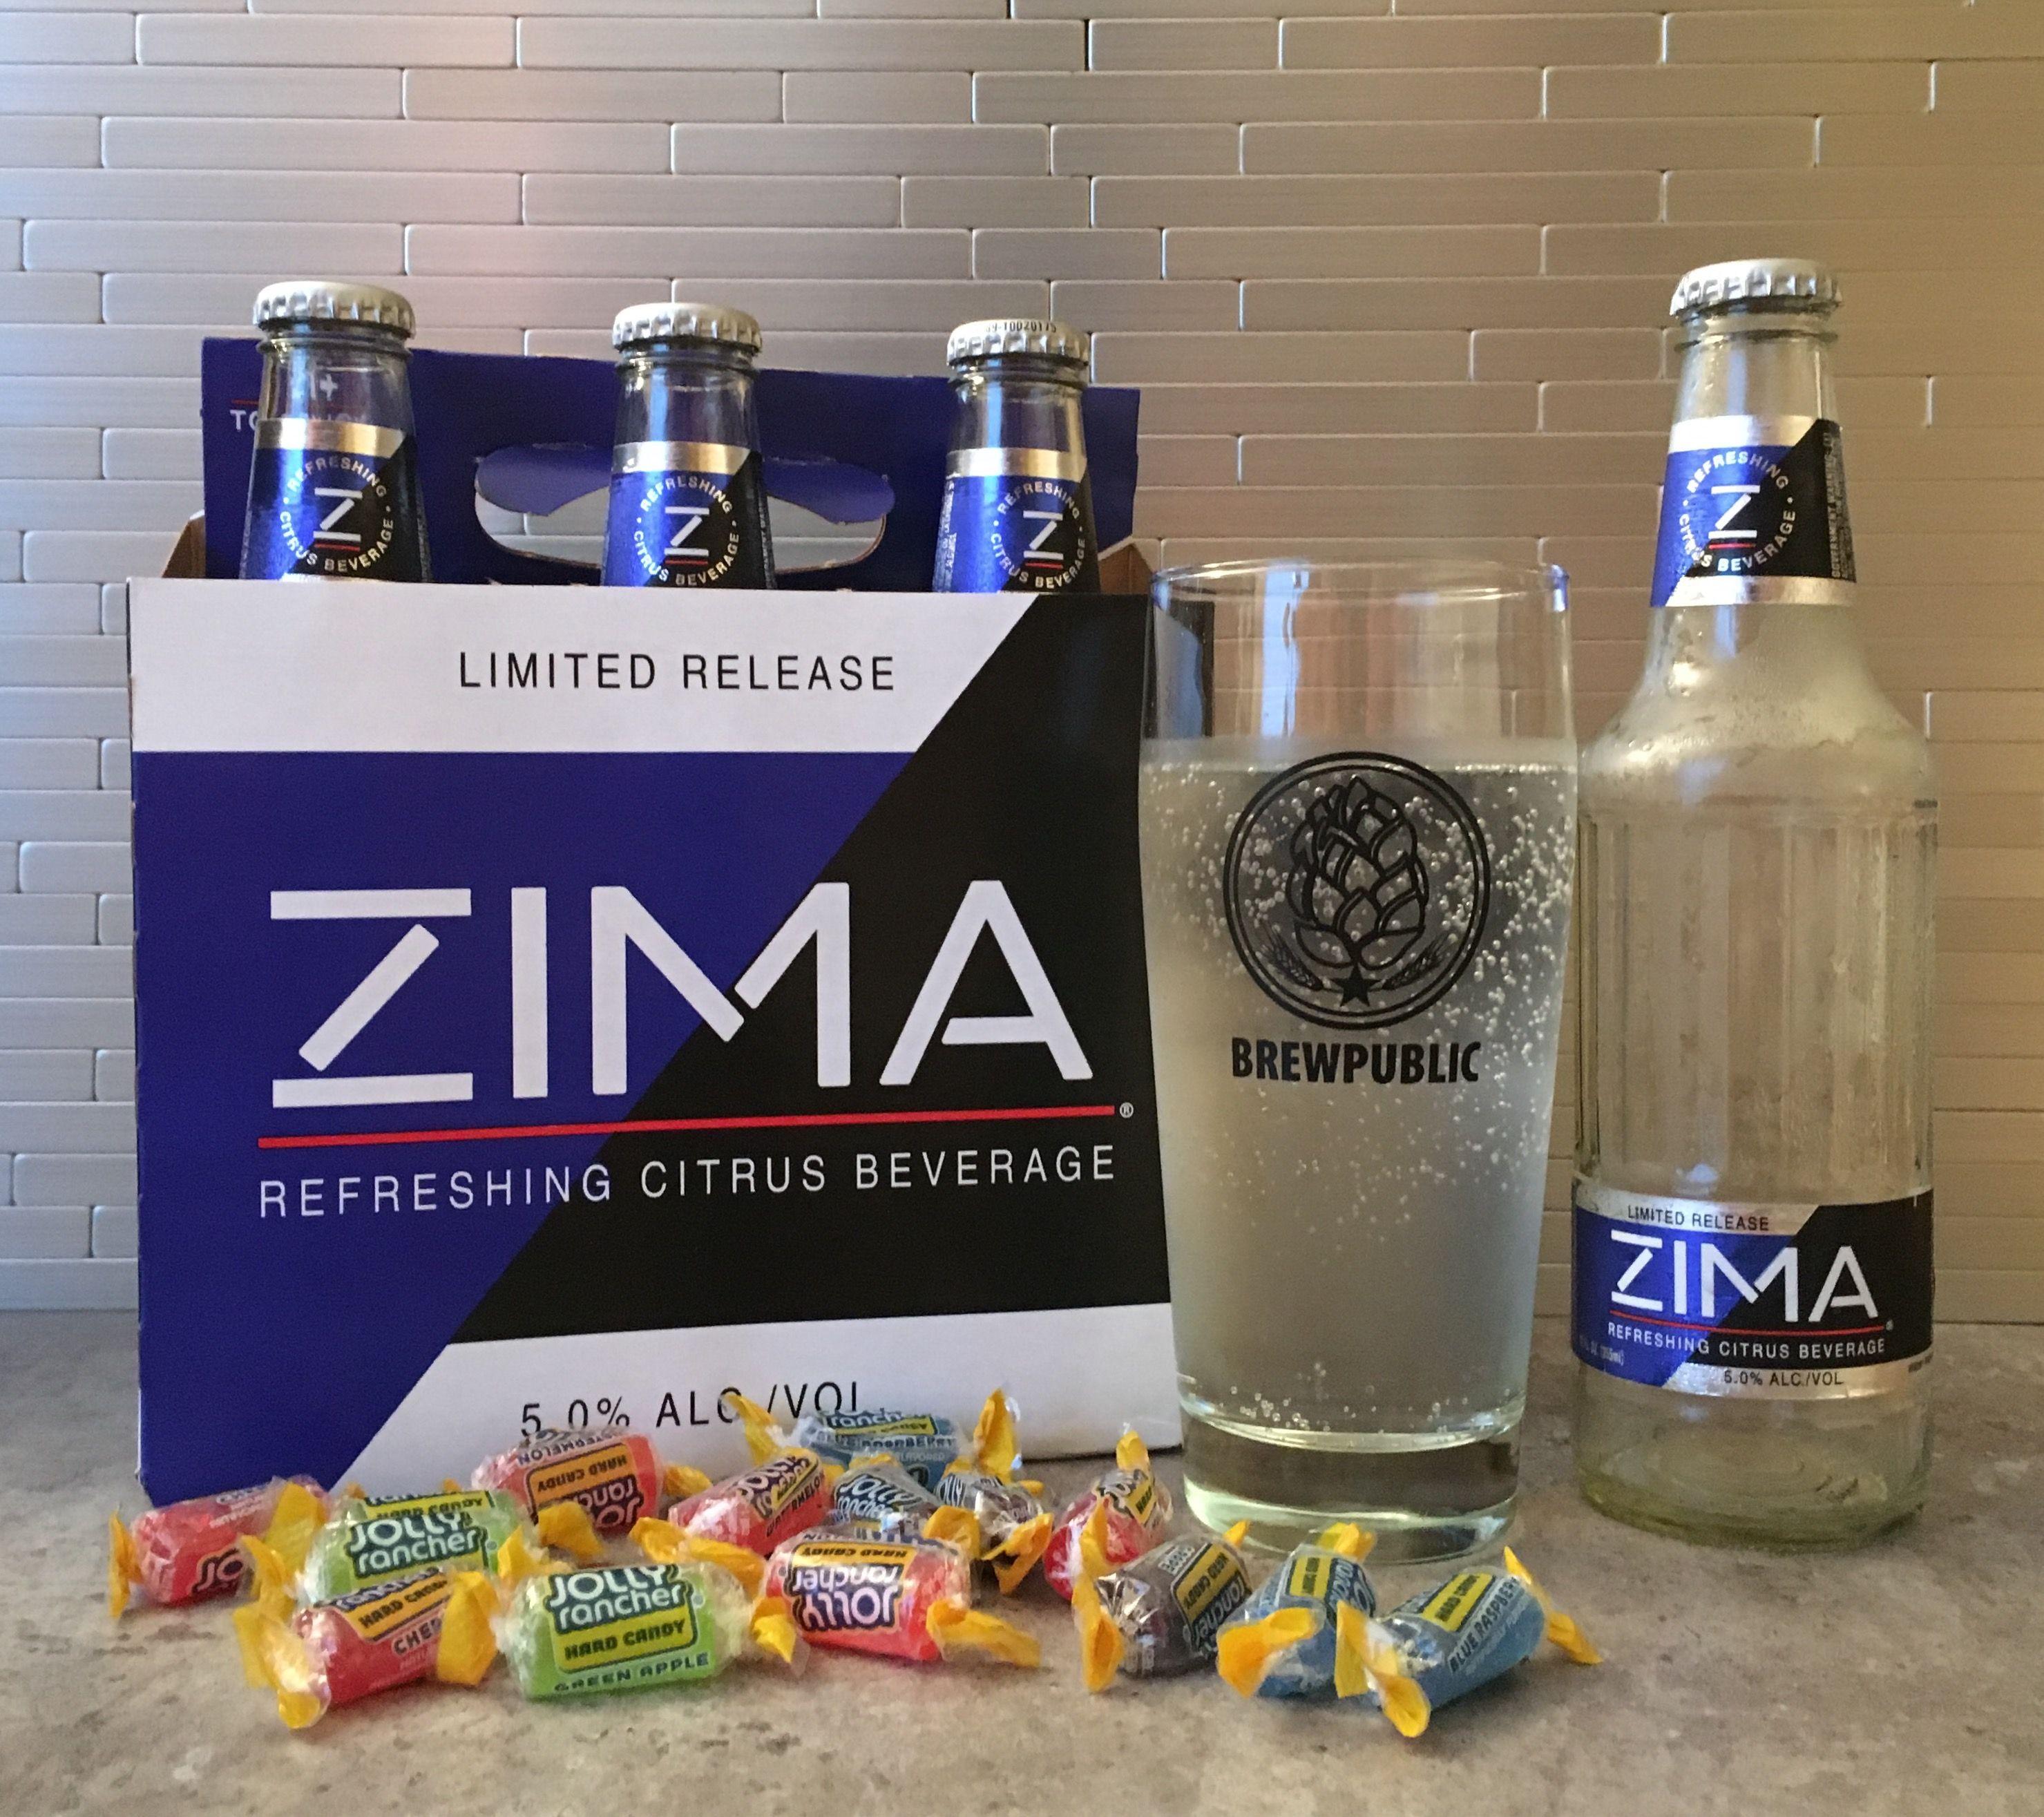 Zima Makes Its Limited Return For The Summer Of 2017 Zima Beer Zima Drink Beer Nerd